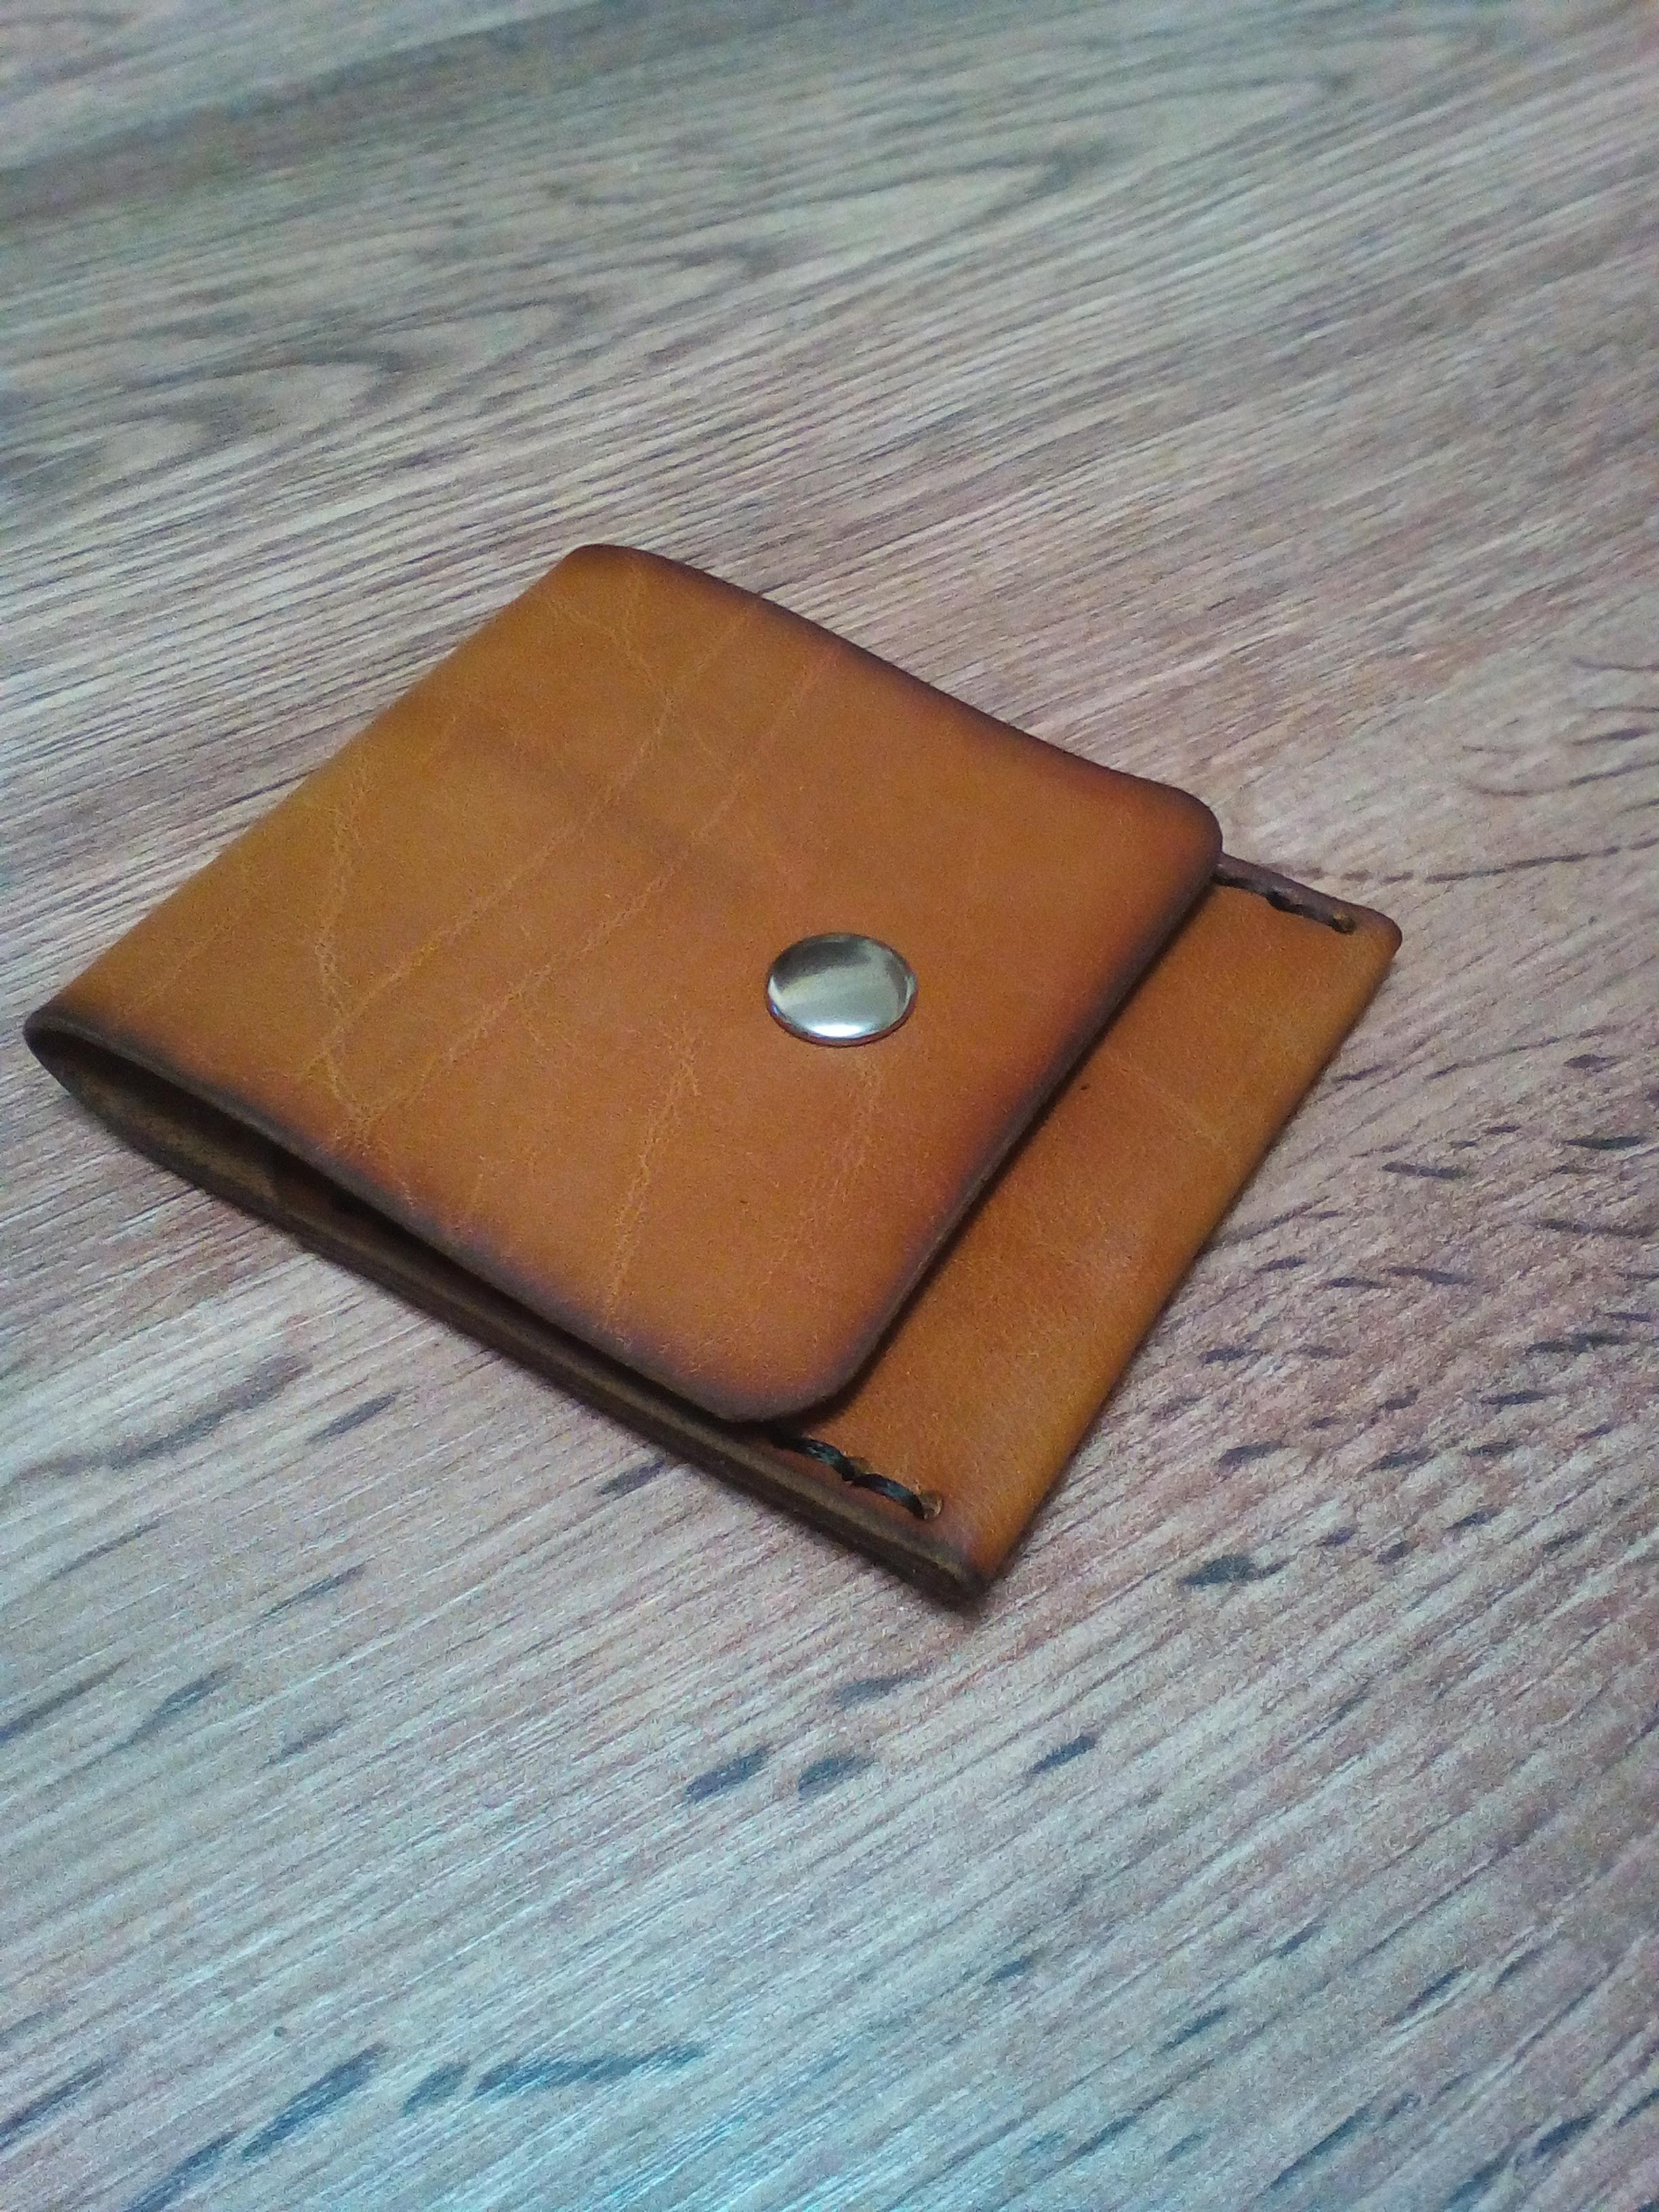 465e374a7ad0 Компактный и стильный кардхолдер ручной работы из натуральной кожи толщиной  1,2-1,